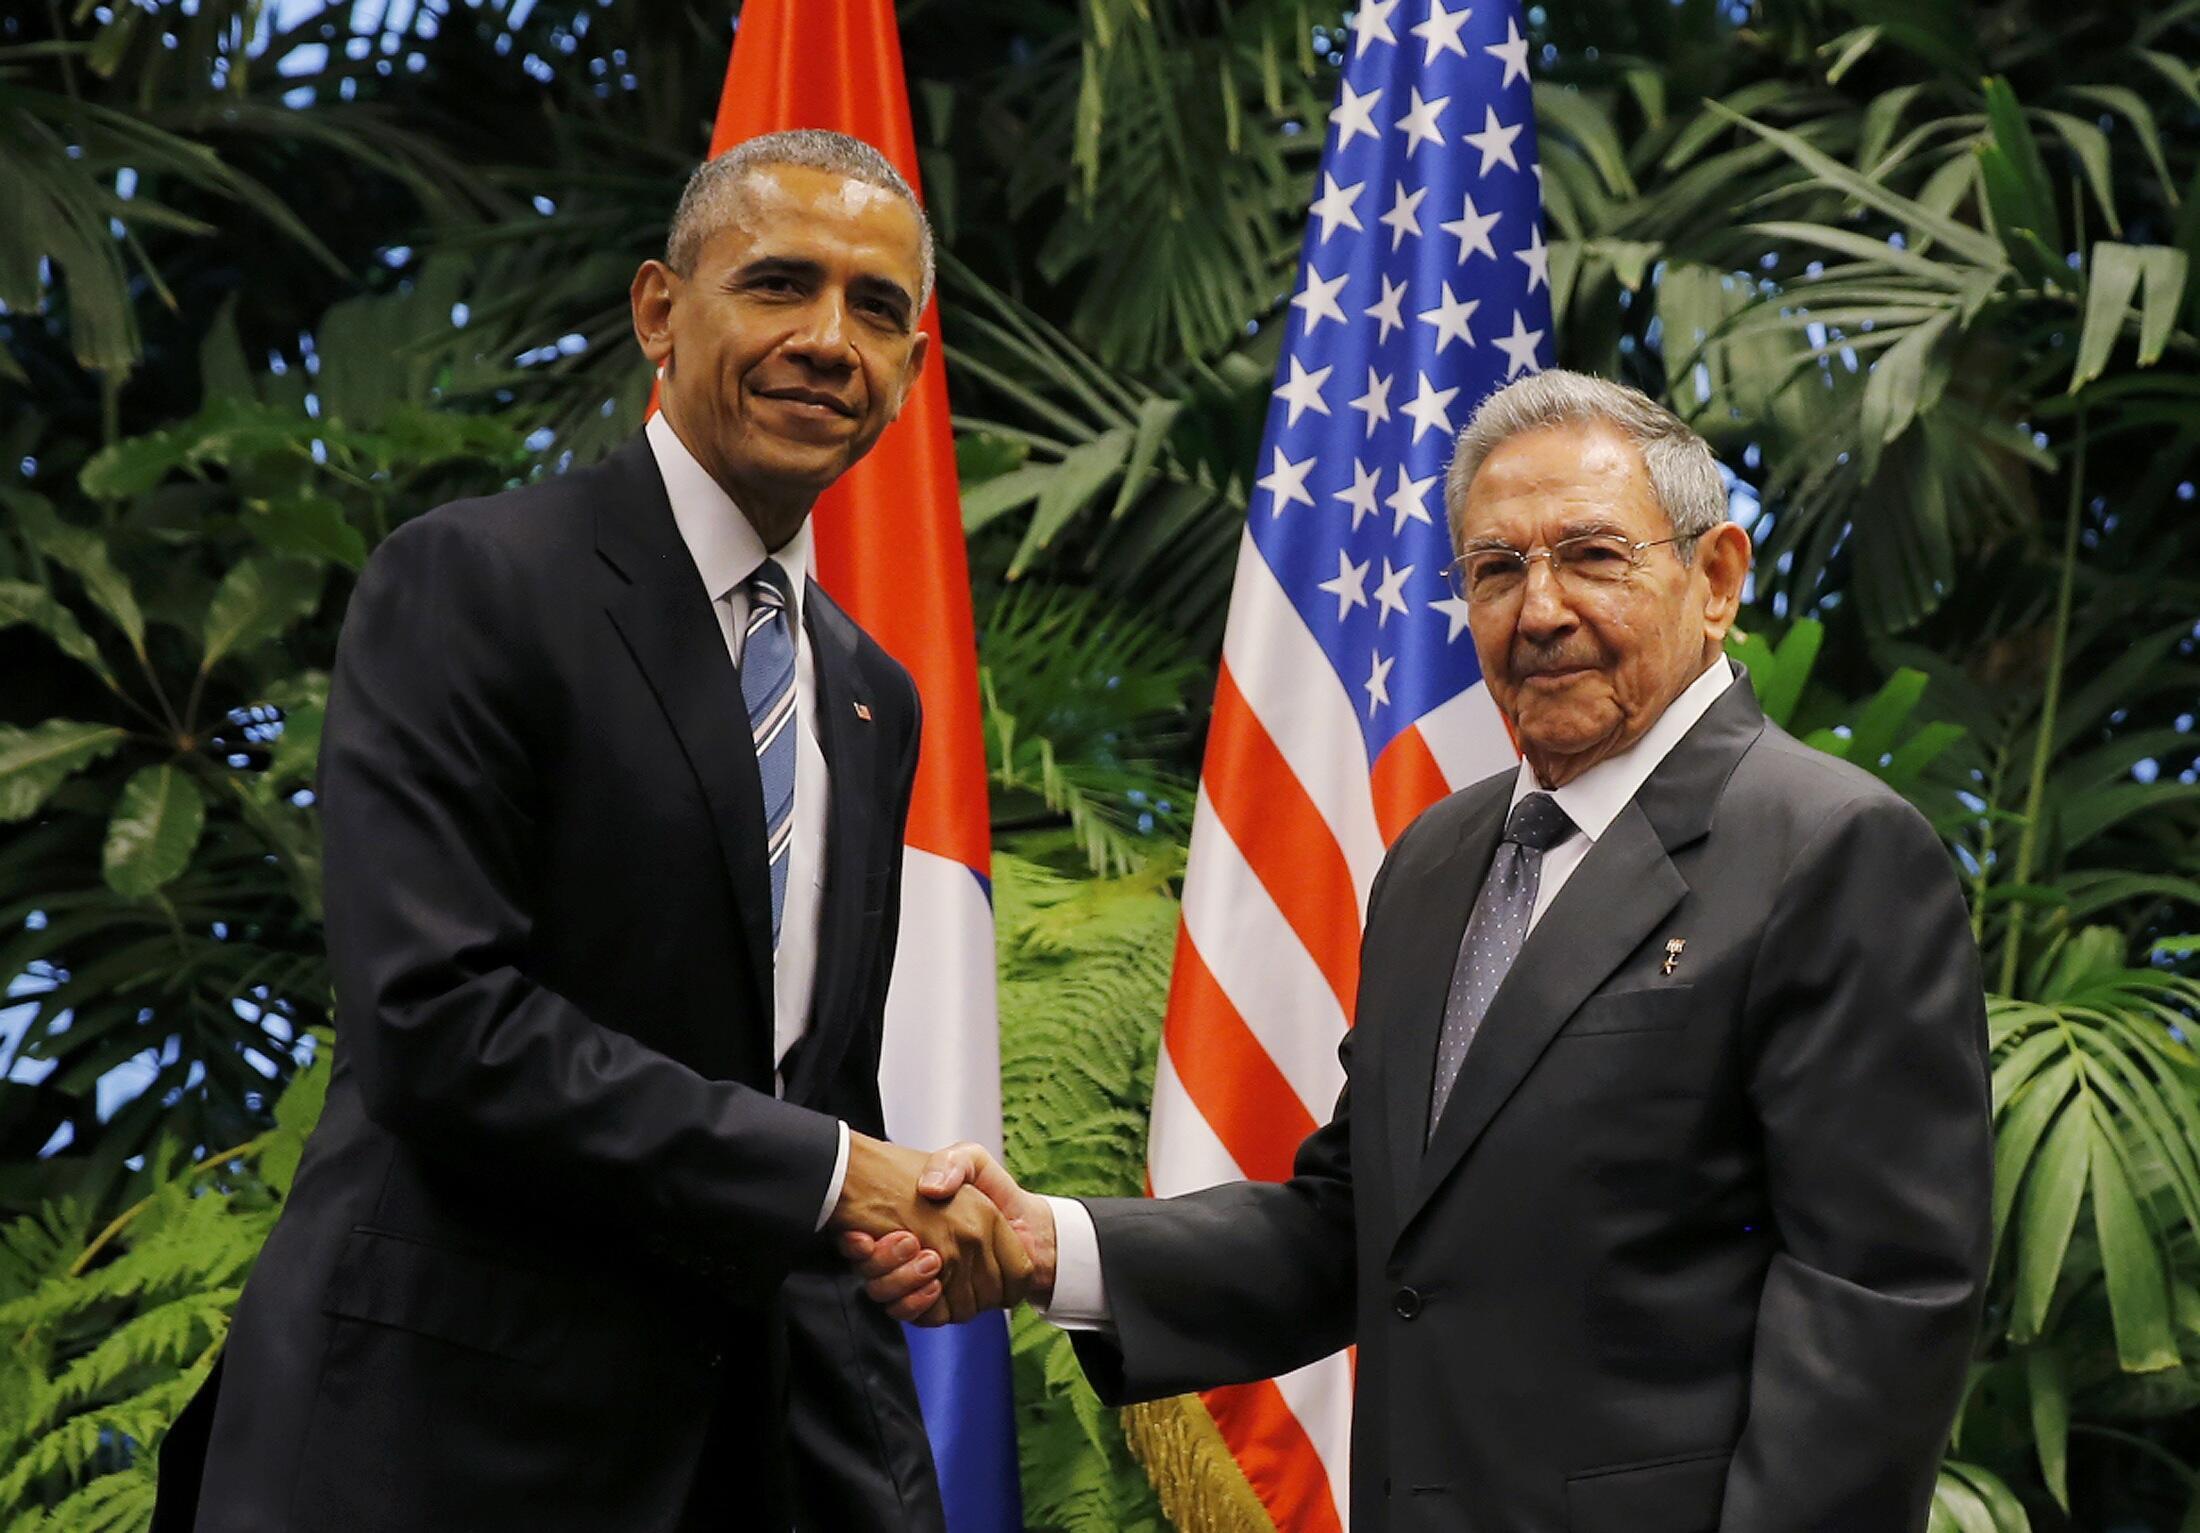 سفر اخیر باراک اوباما، رئیس جمهوری امریکا به کوبا